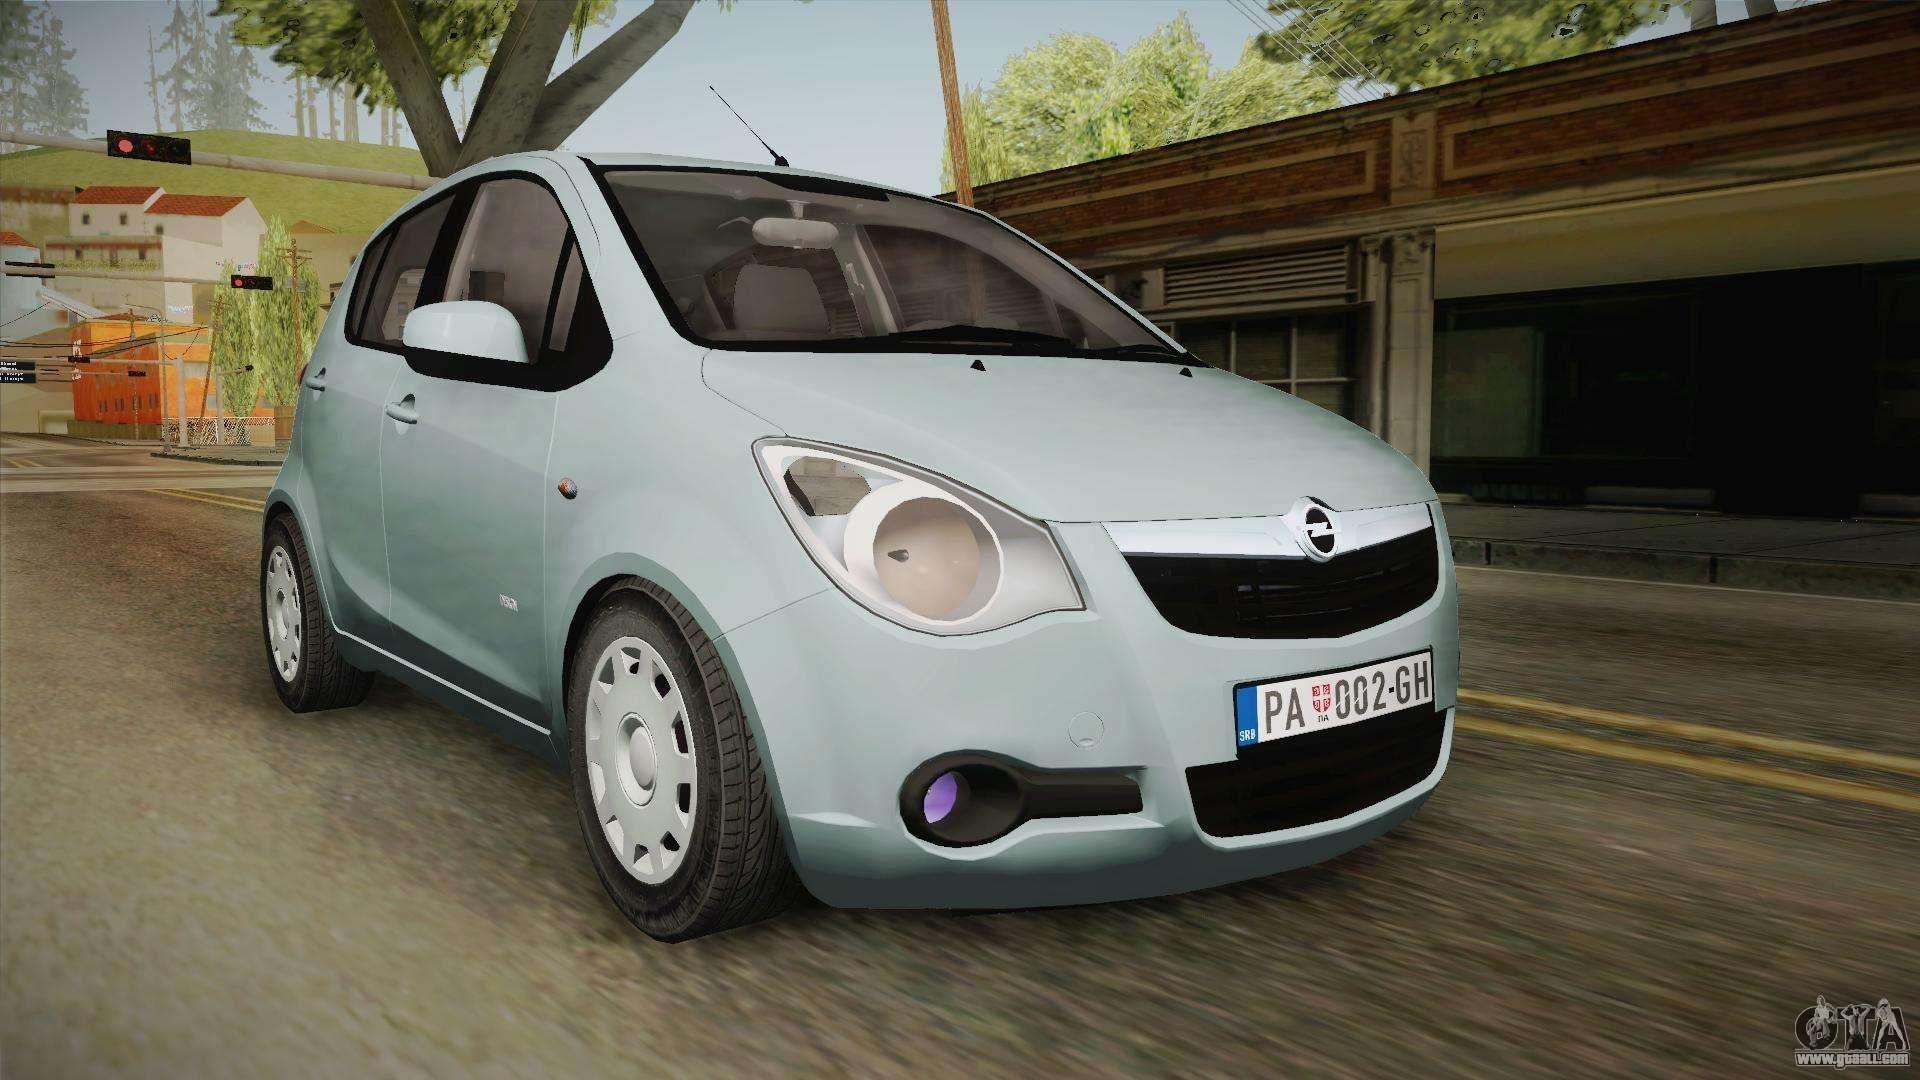 2020 Opel Agila Wallpaper in 2020 | Vauxhall viva, Opel ...